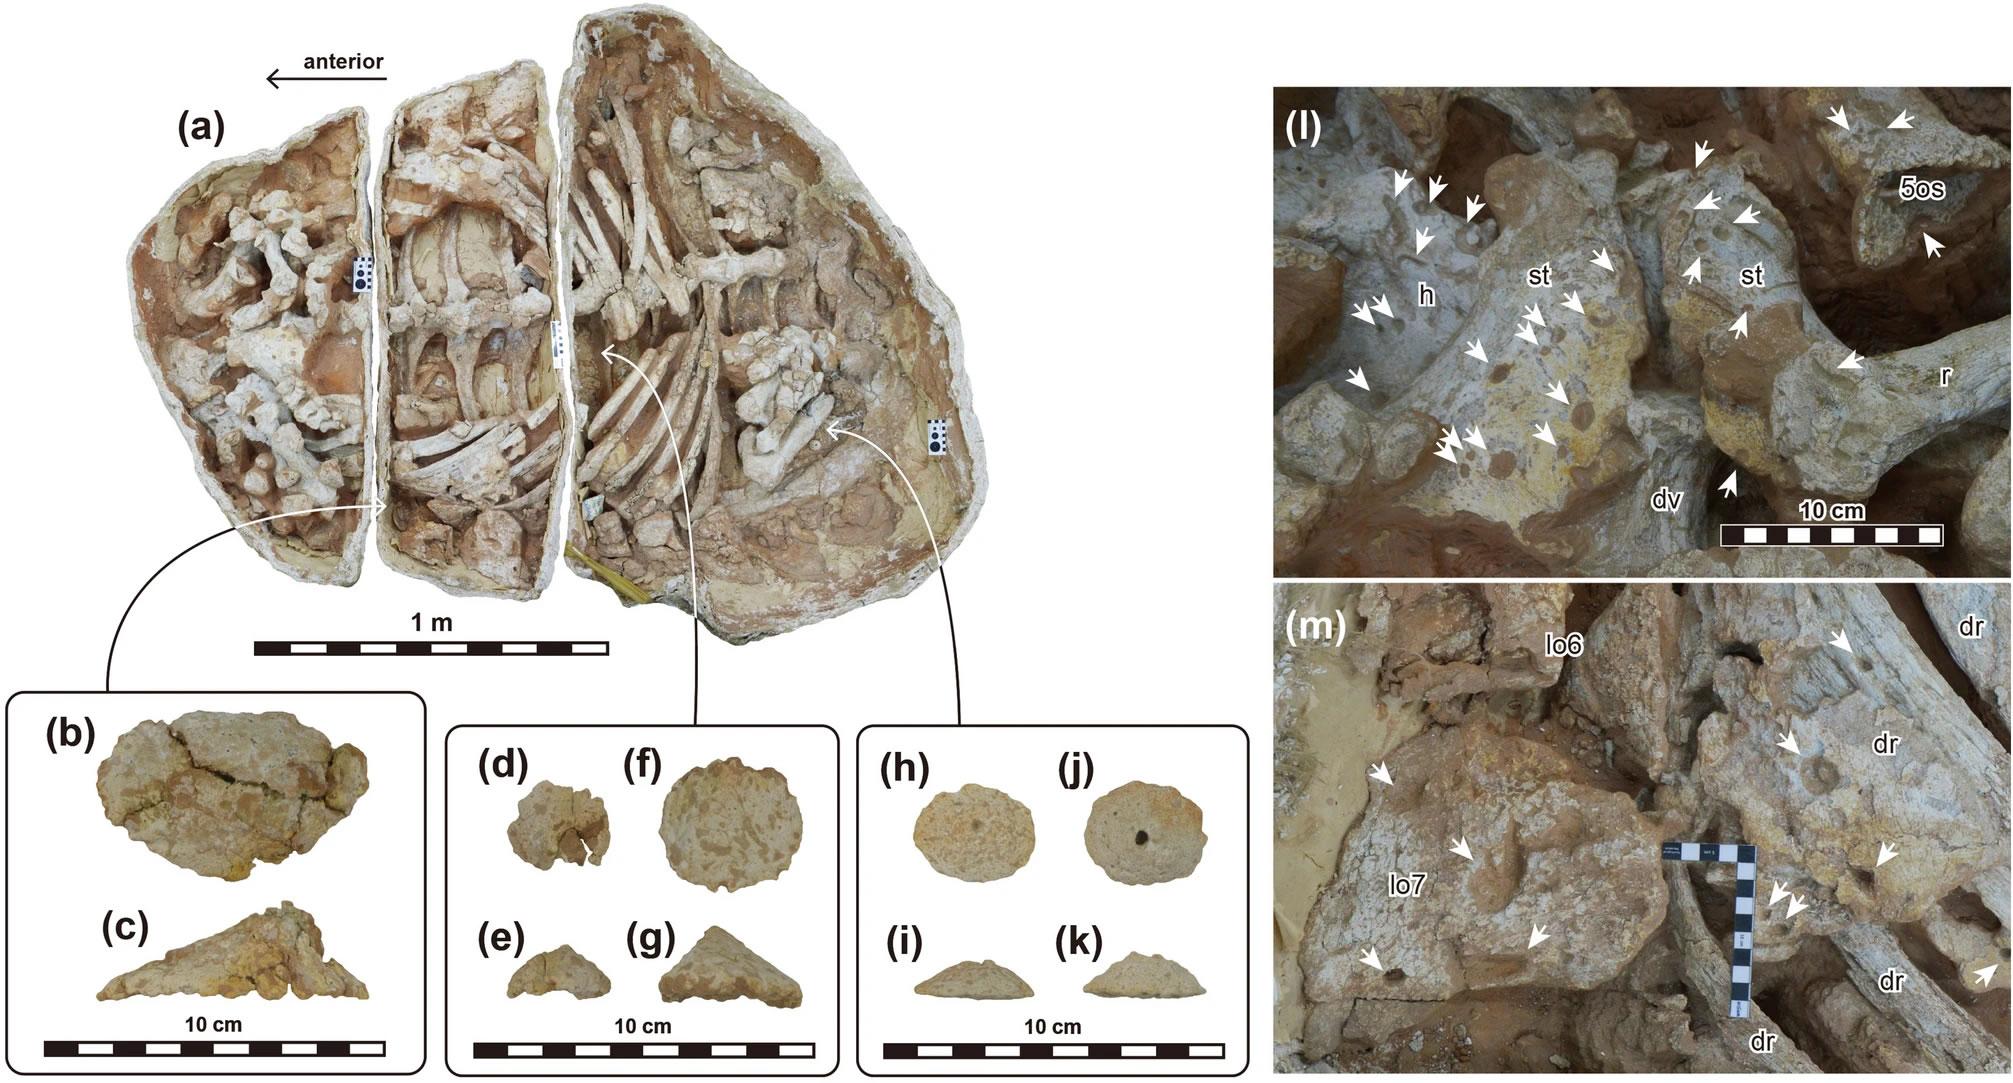 甲龙科恐龙可能掌握挖土的本领